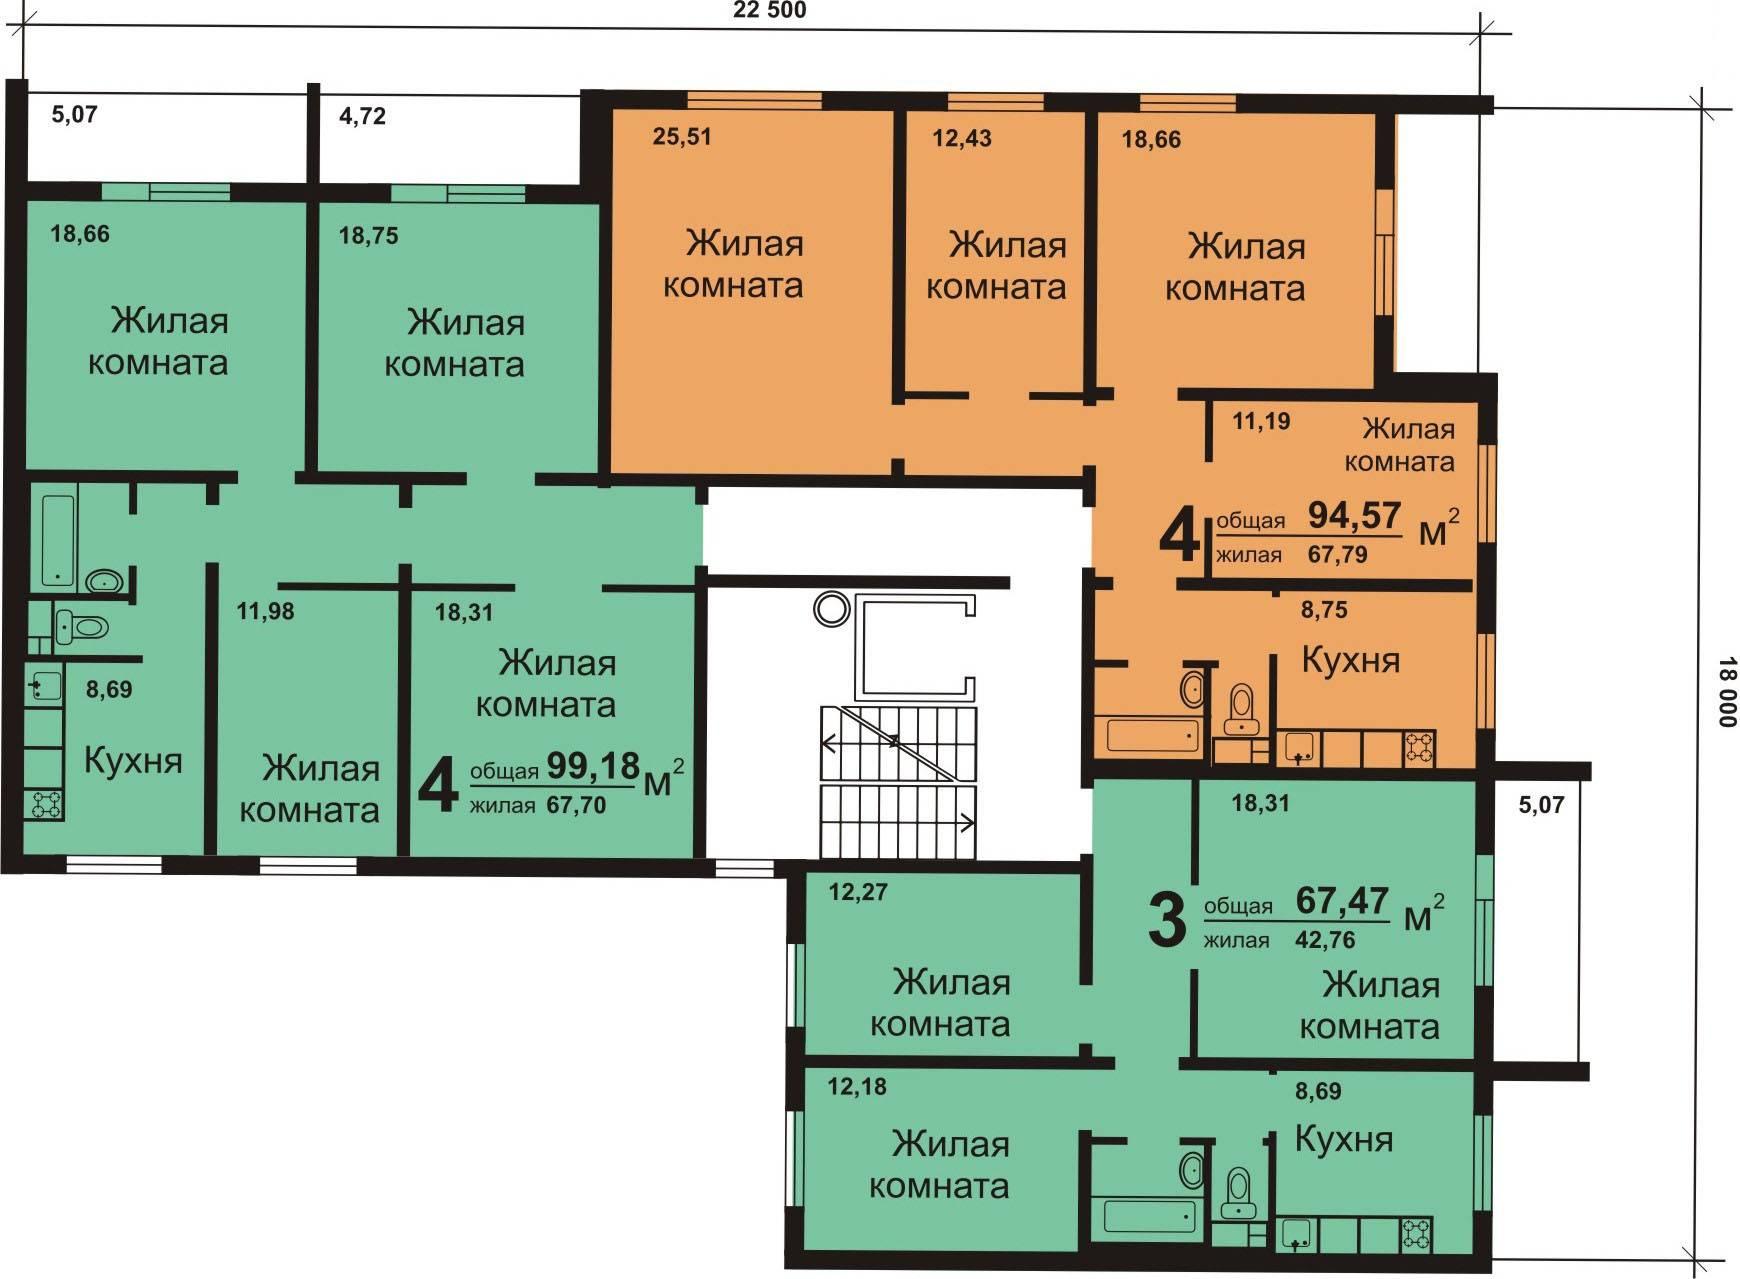 панельный дом схема квартир